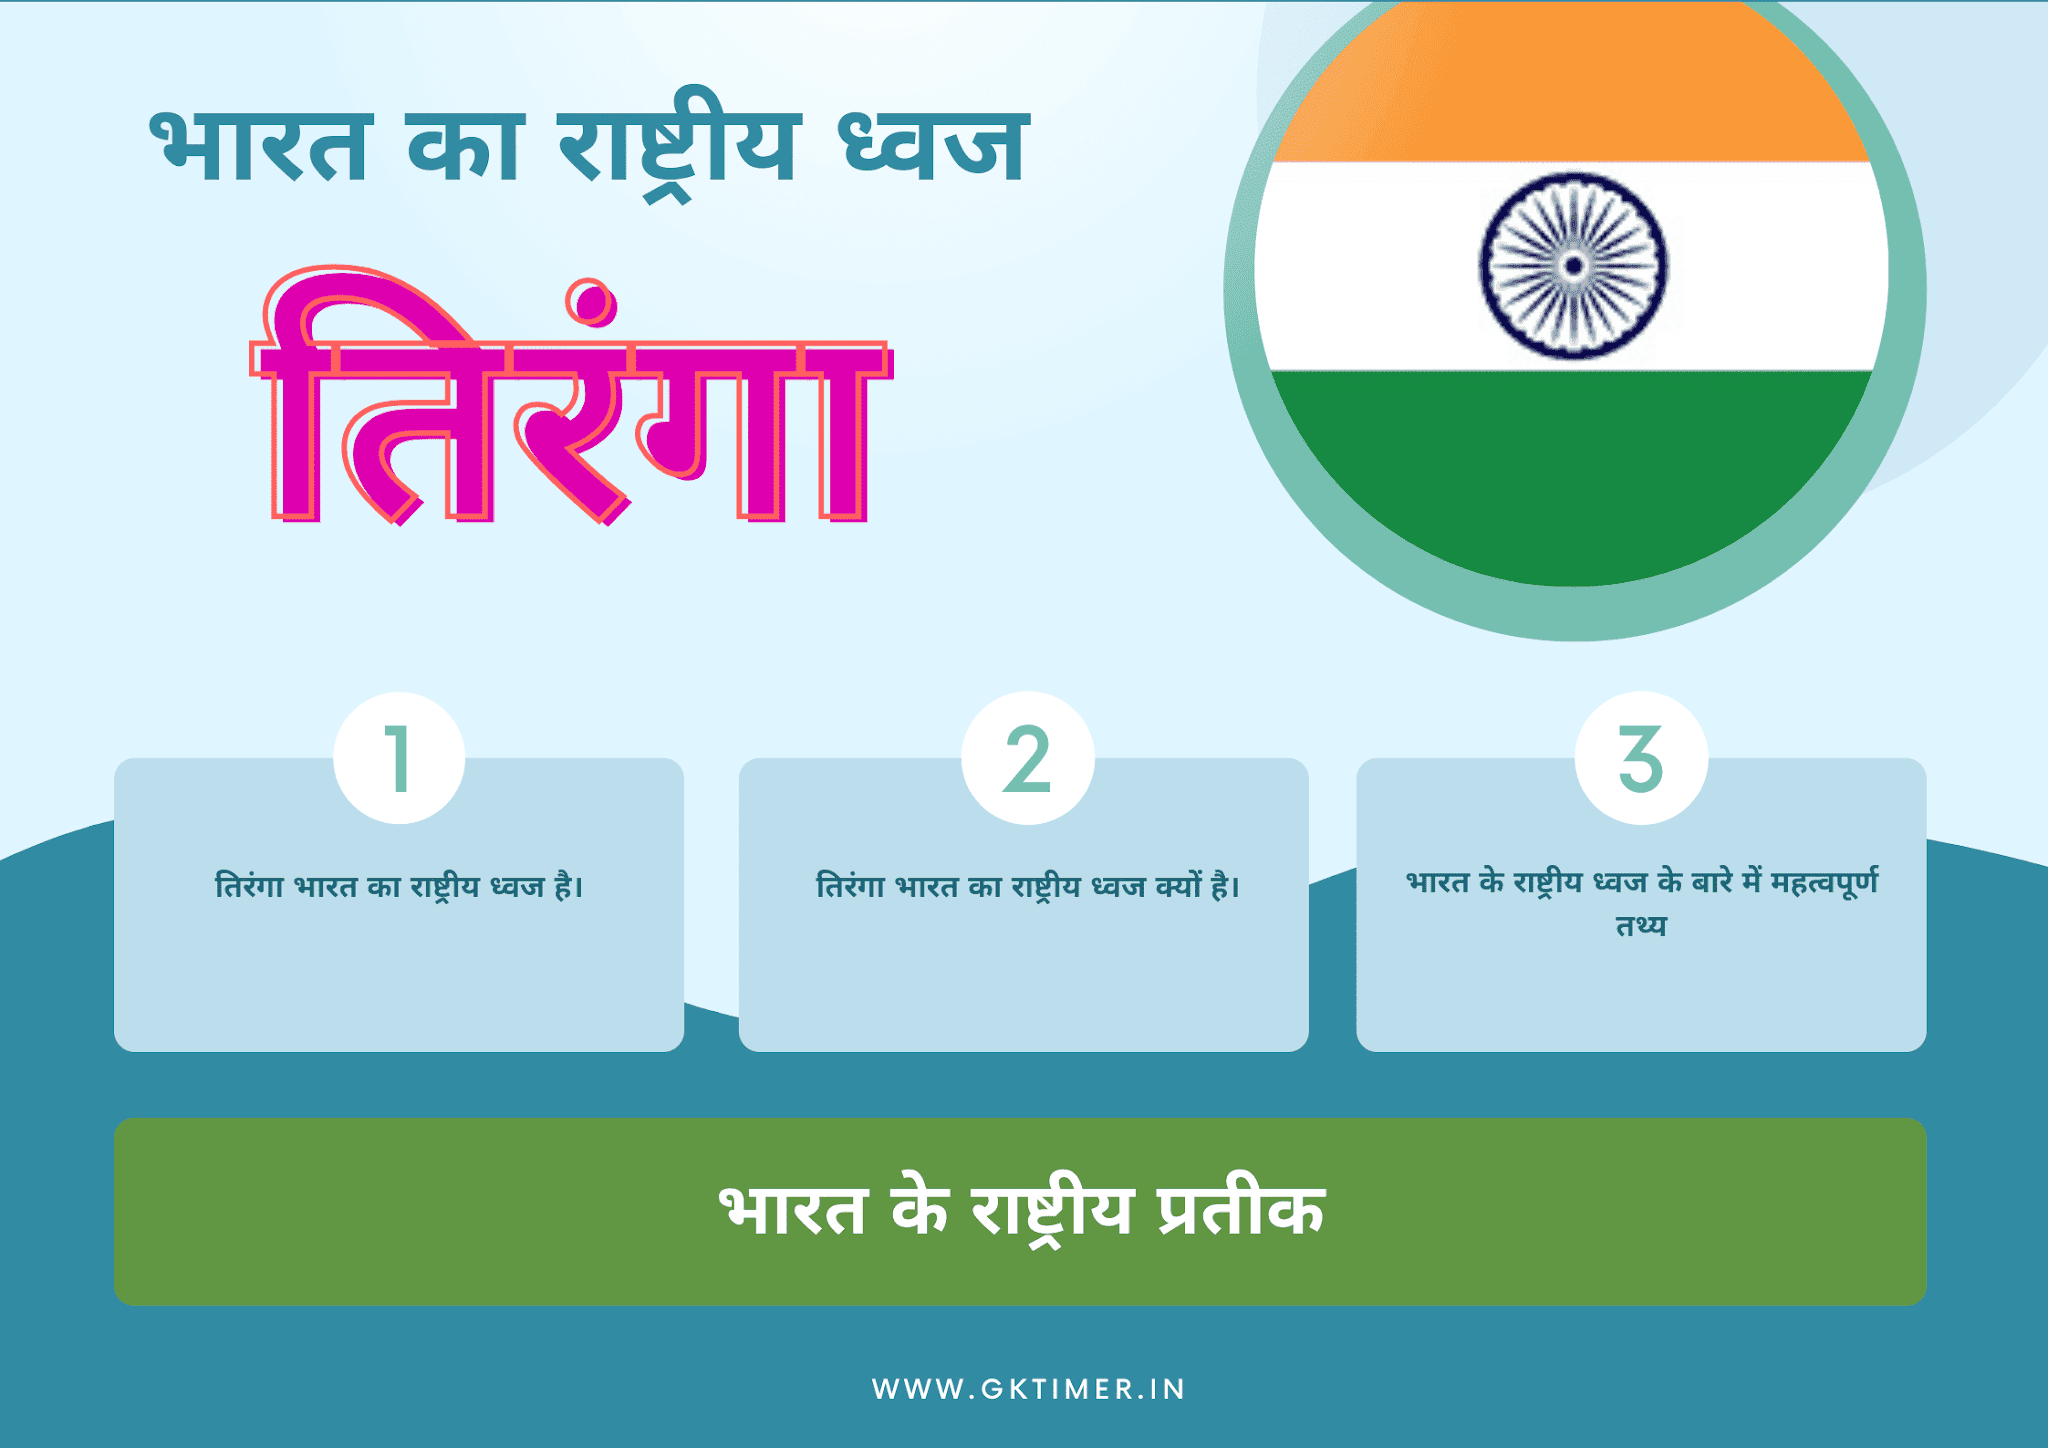 भारत का राष्ट्रीय ध्वज : तिरंगा | National Flag of India in Hindi